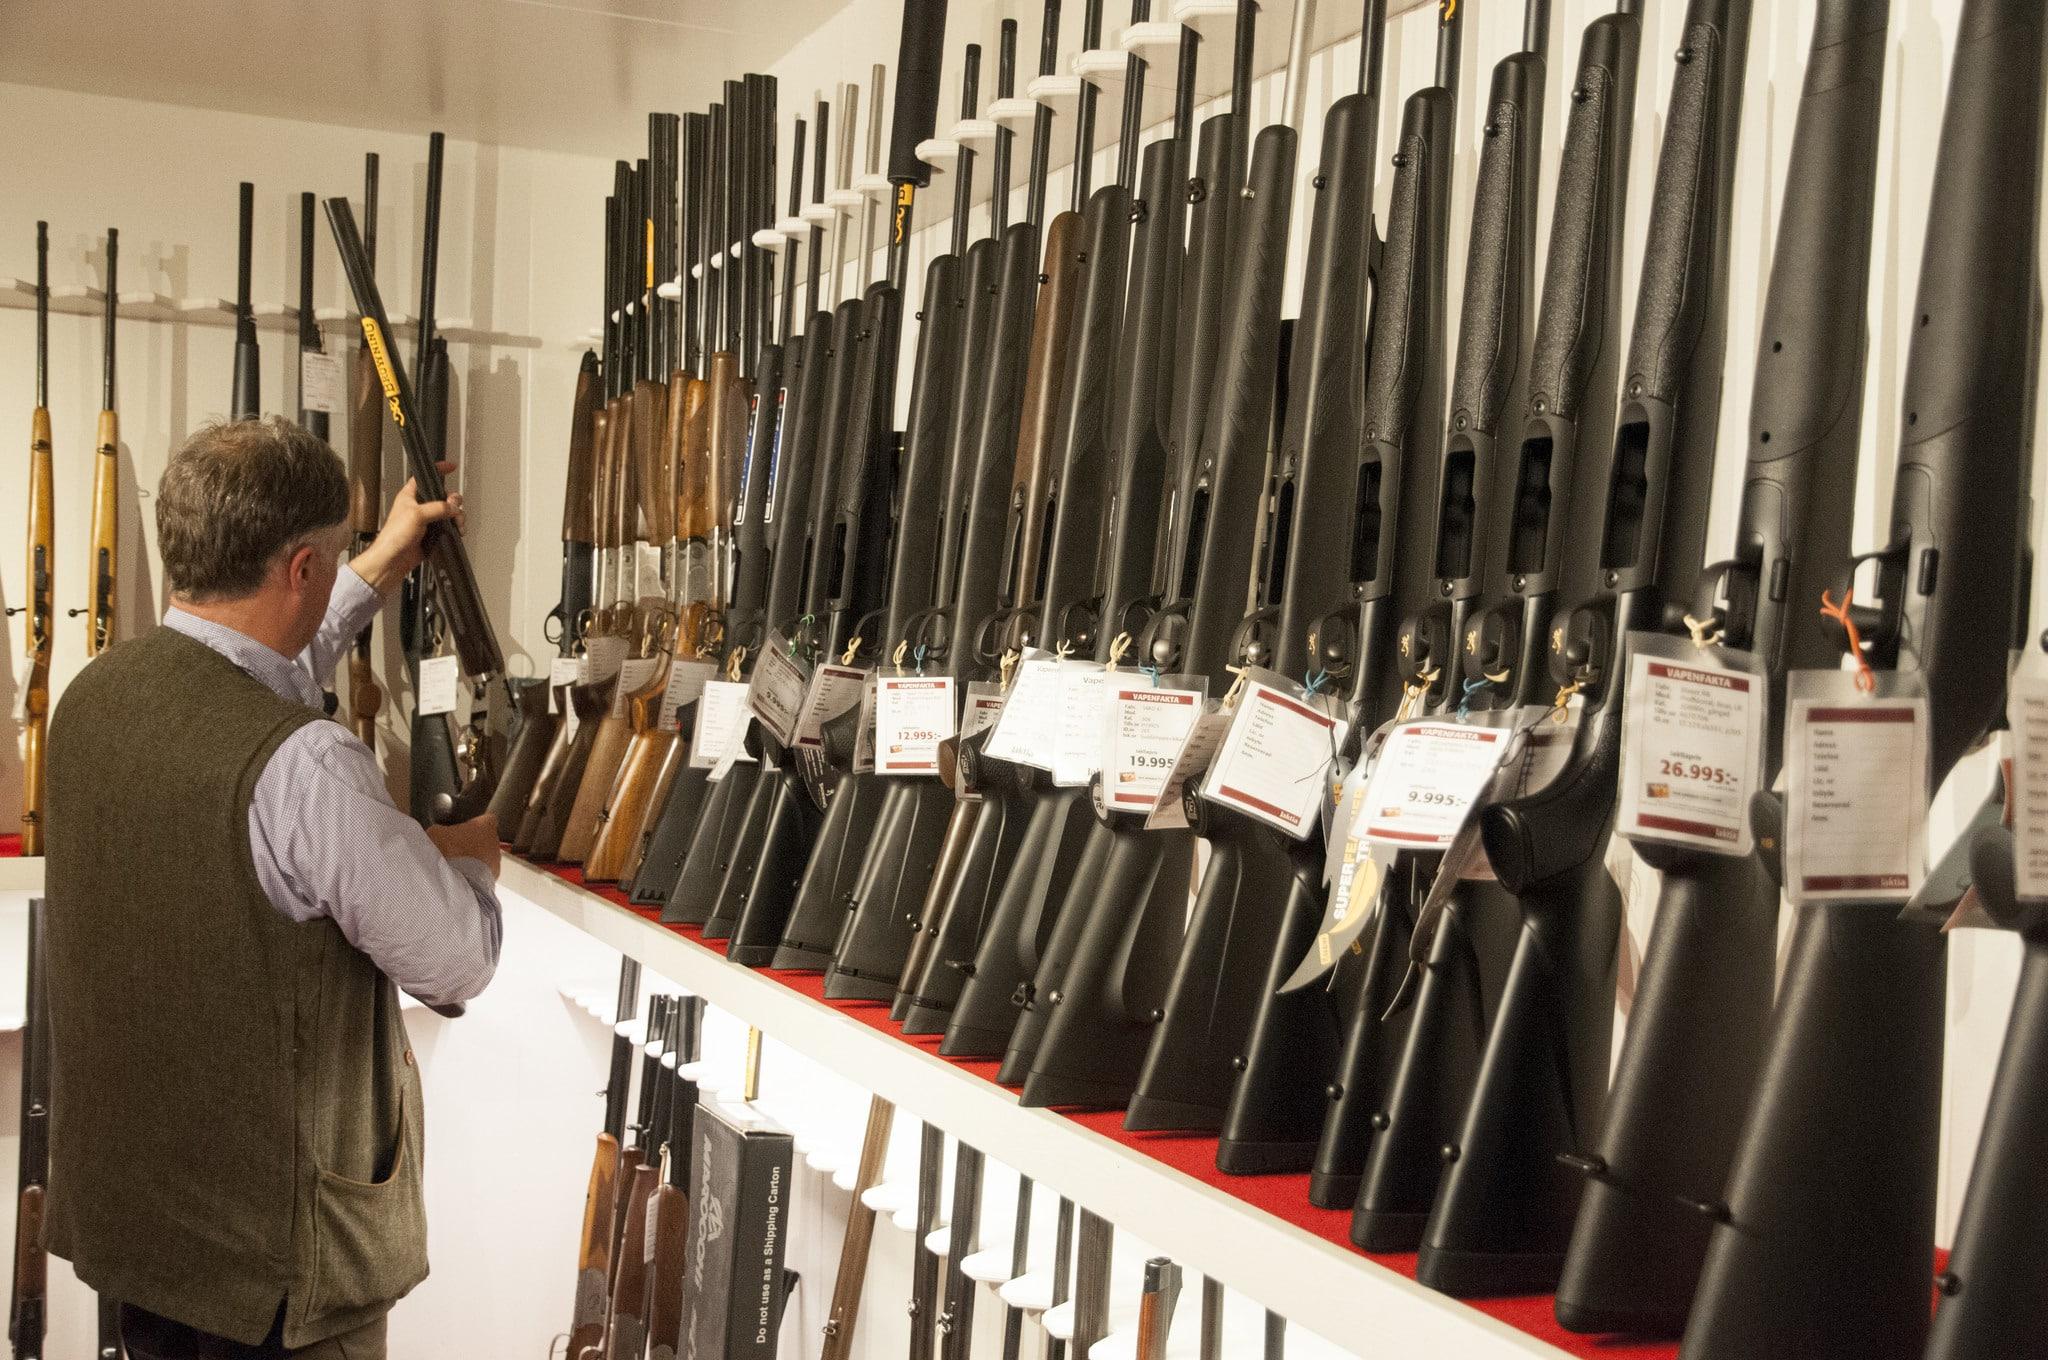 Inte bara jägarna utan också vapenhandlarna drabbas av polisens senfärdiga hantering av vapenlicenser. Det är dags att regeringen tar problemen på allvar, skriver debattörerna från tre politiska partier. Foto: Jan Henricson